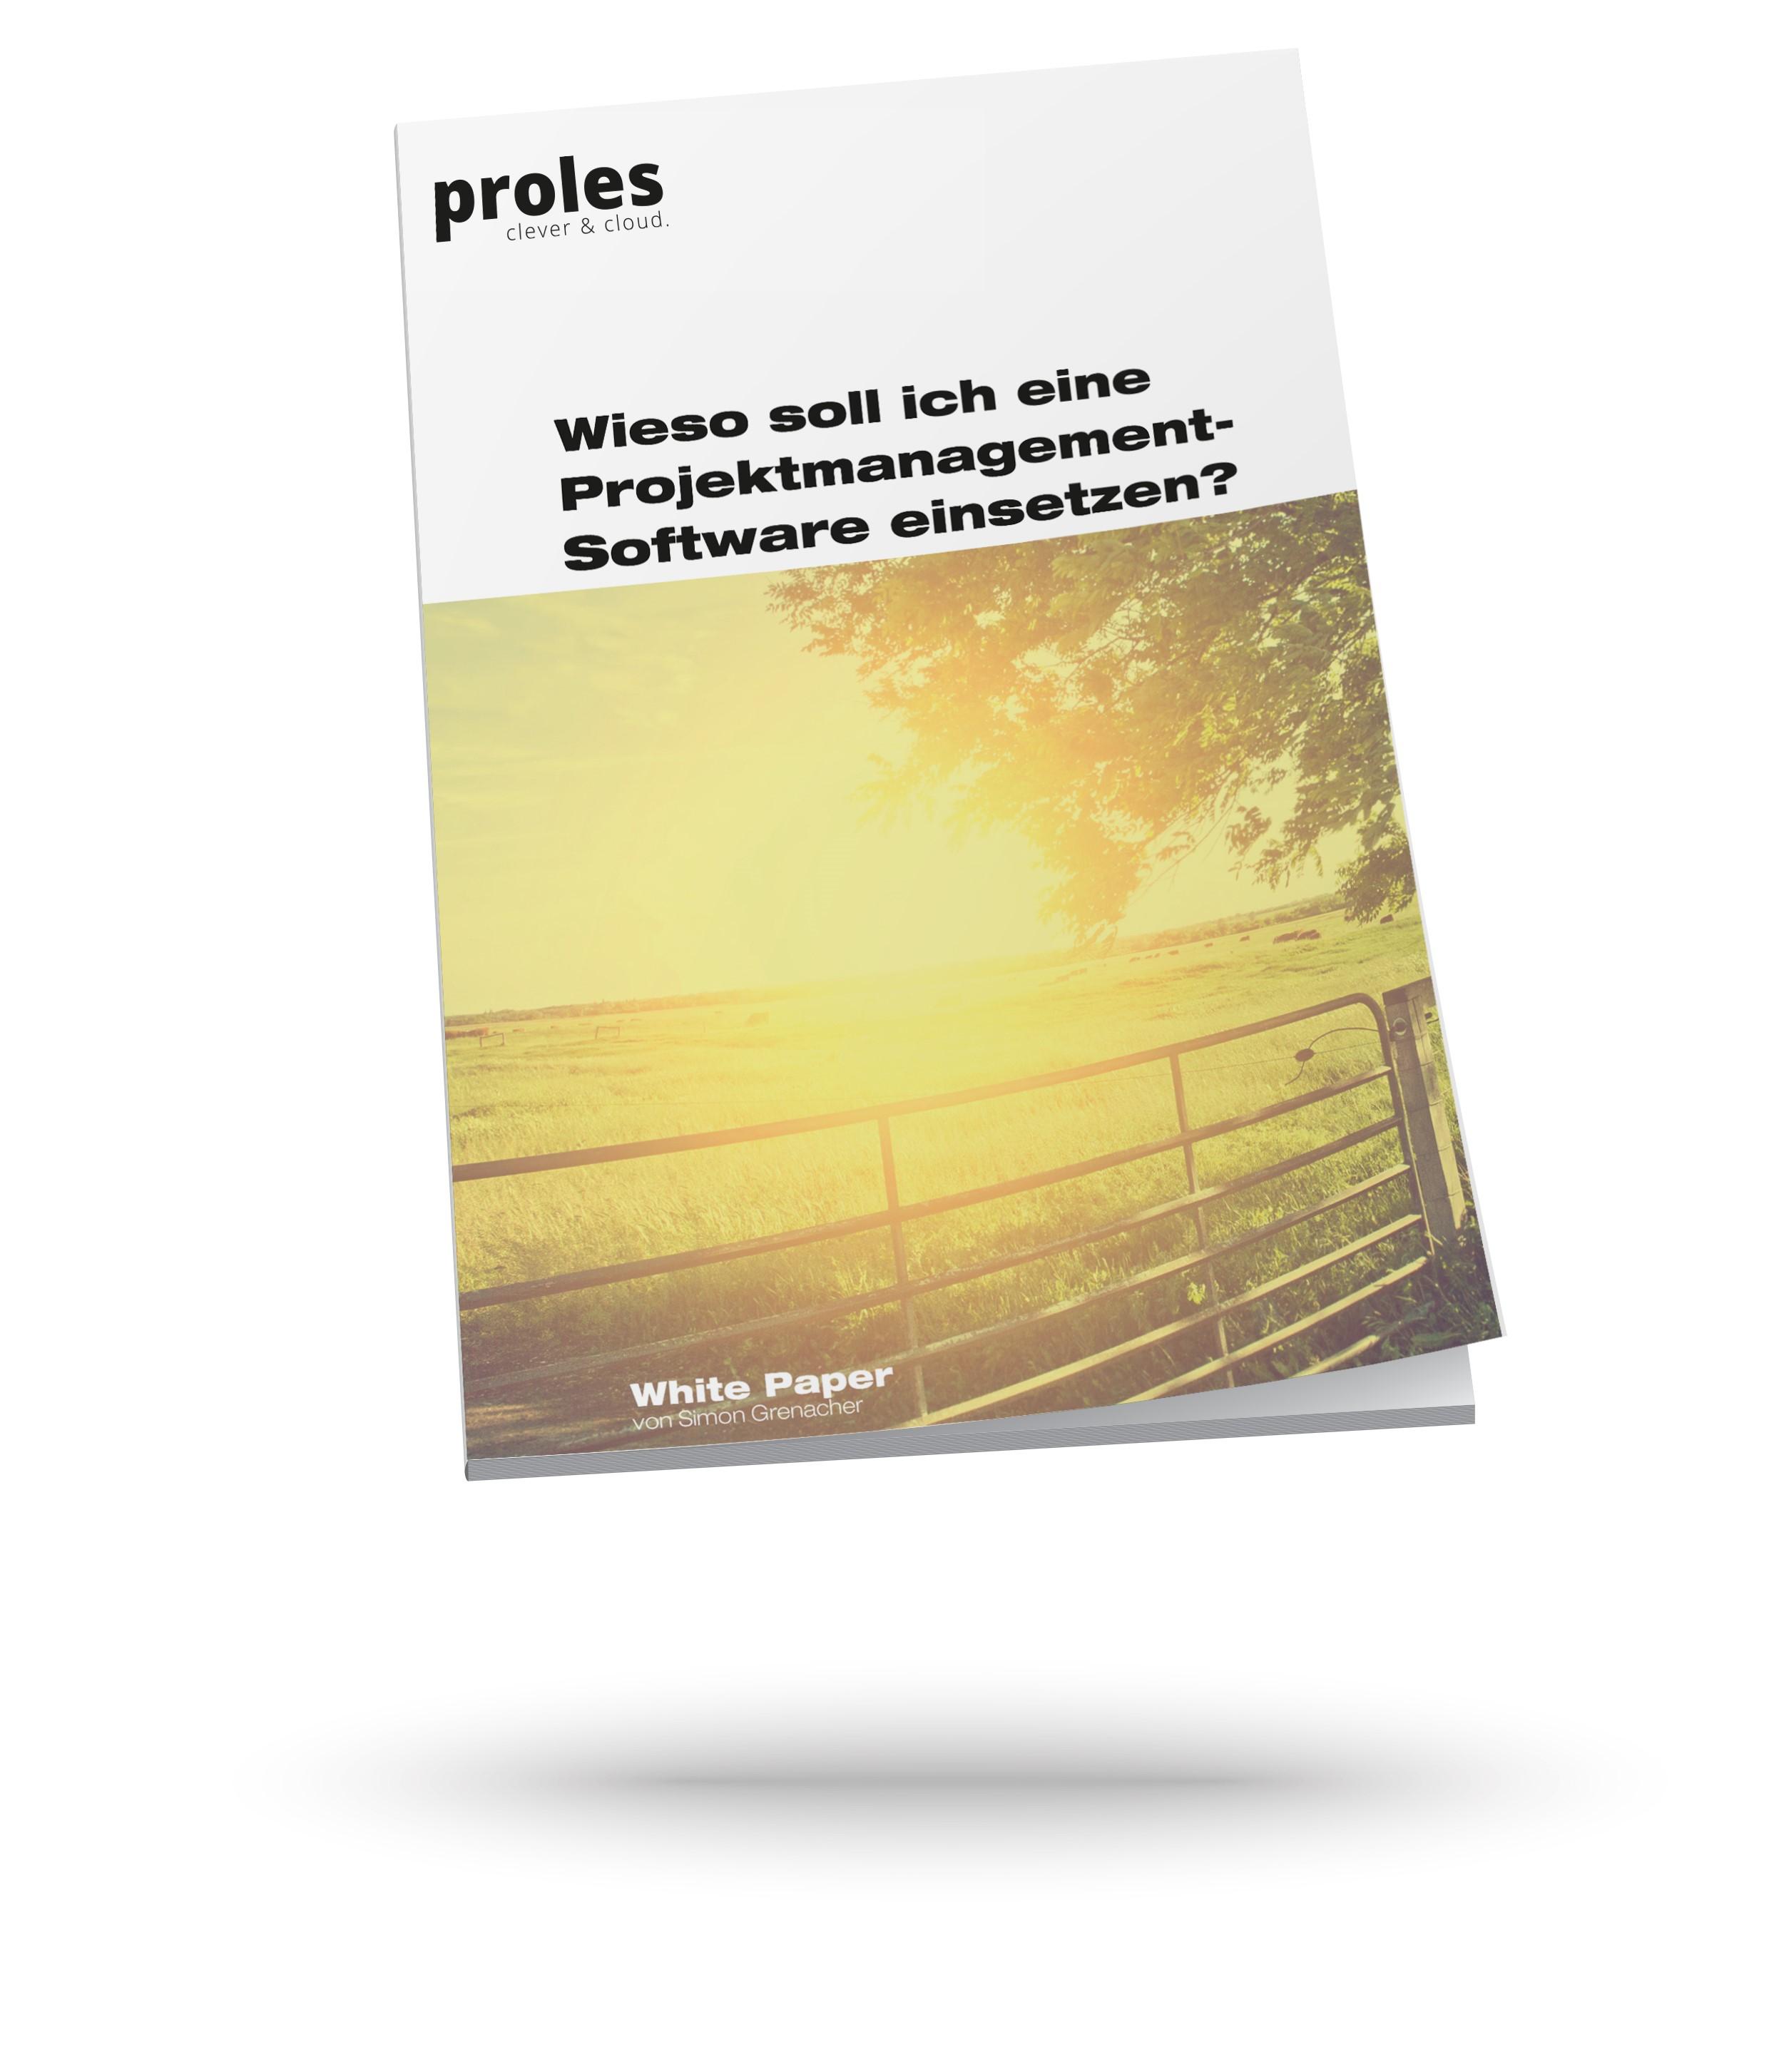 Wieso soll ich eine Projektmanagement-Software einsetzen? - White Paper